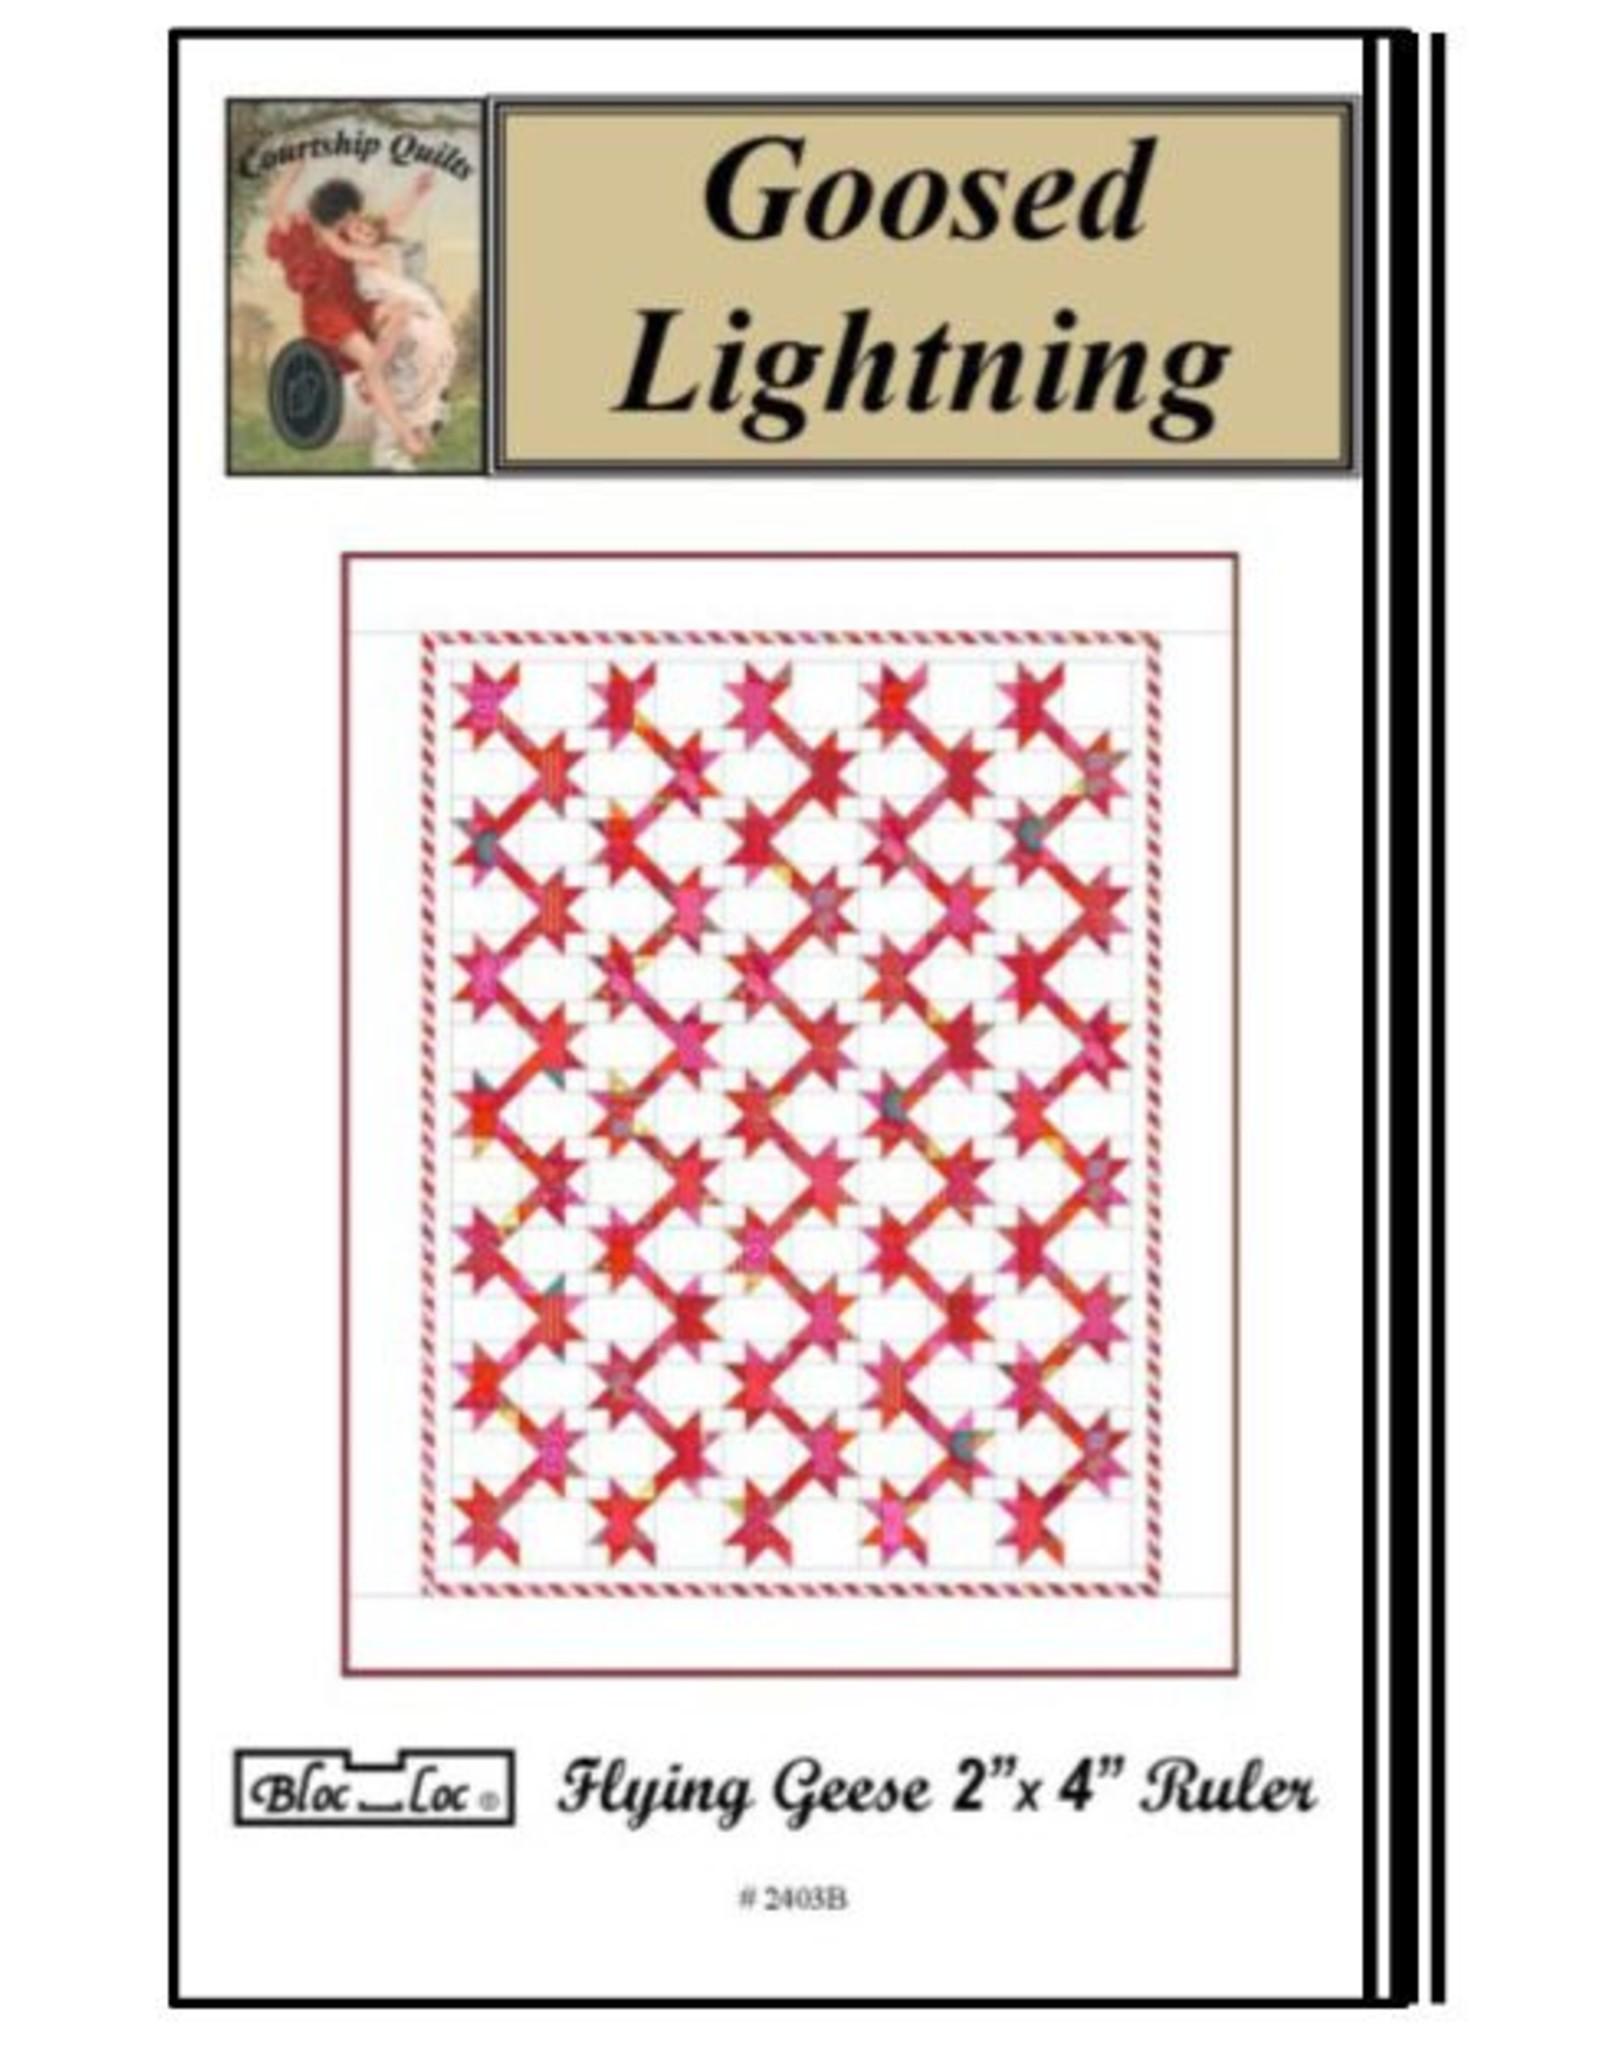 Bloc Loc Bloc Loc Pattern - Goosed Lighting Bright